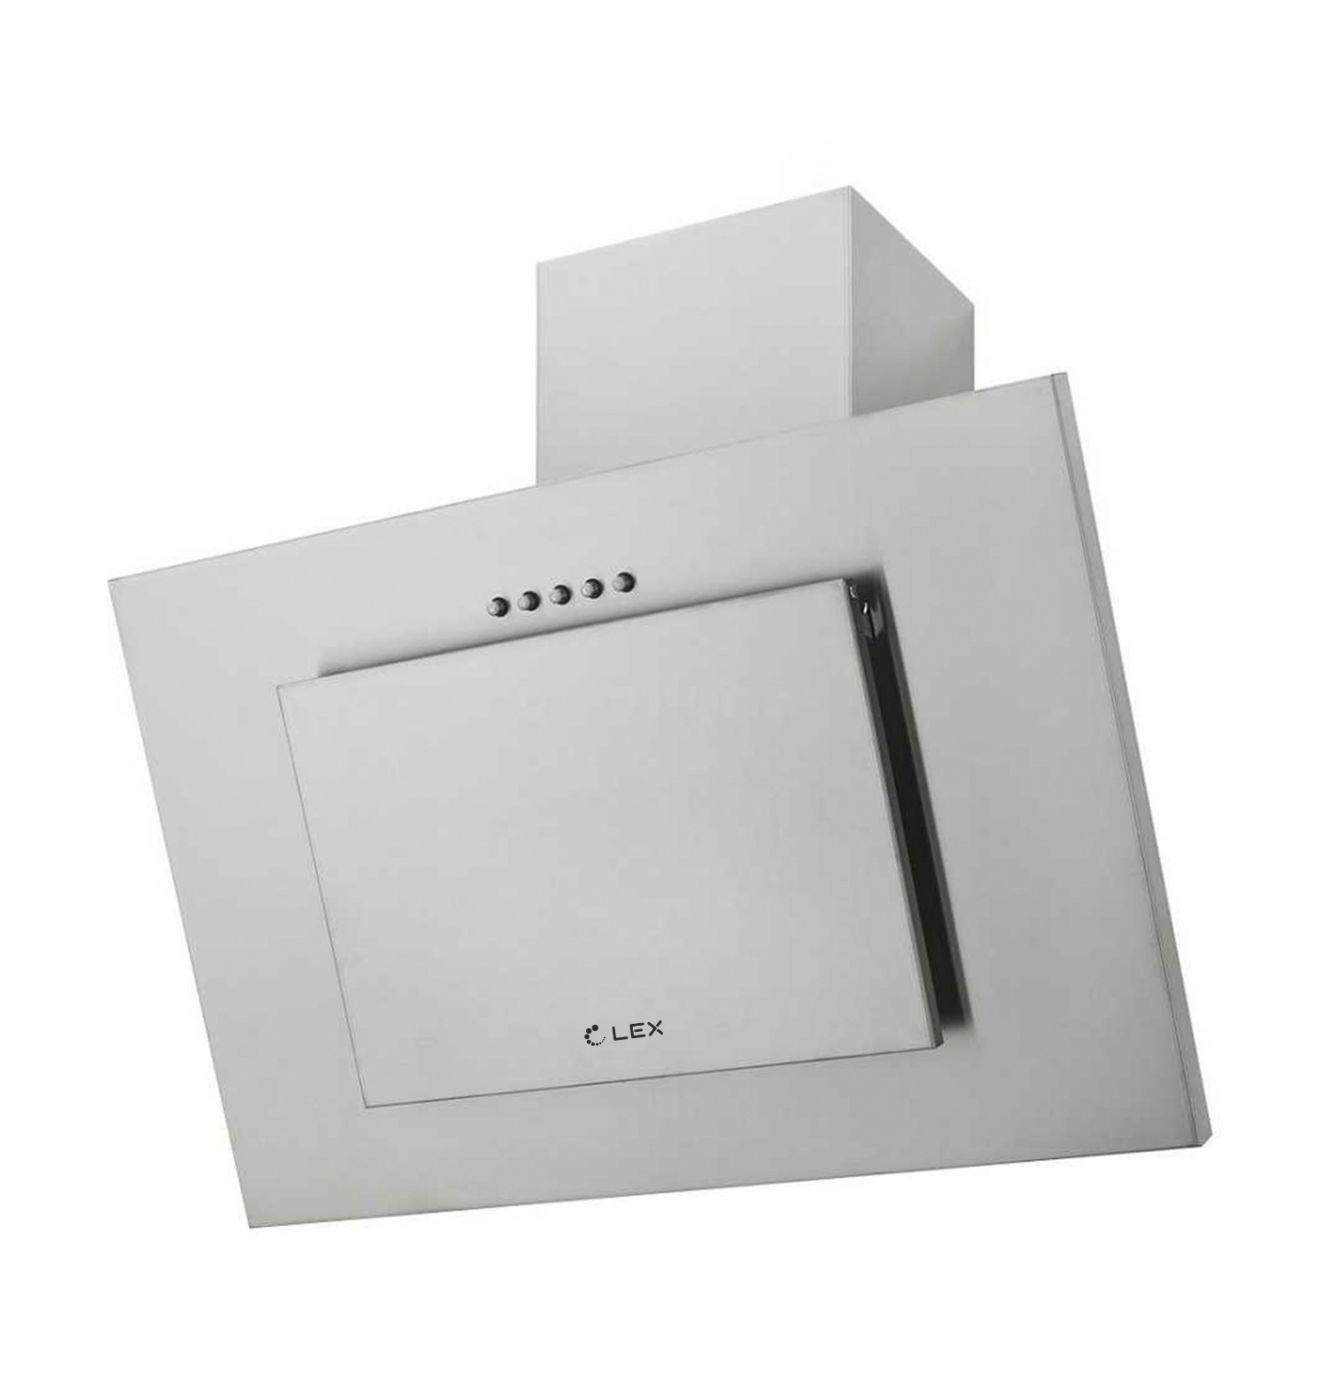 Каминная вытяжка LEX Mini S 600 inox (PLMA000151)